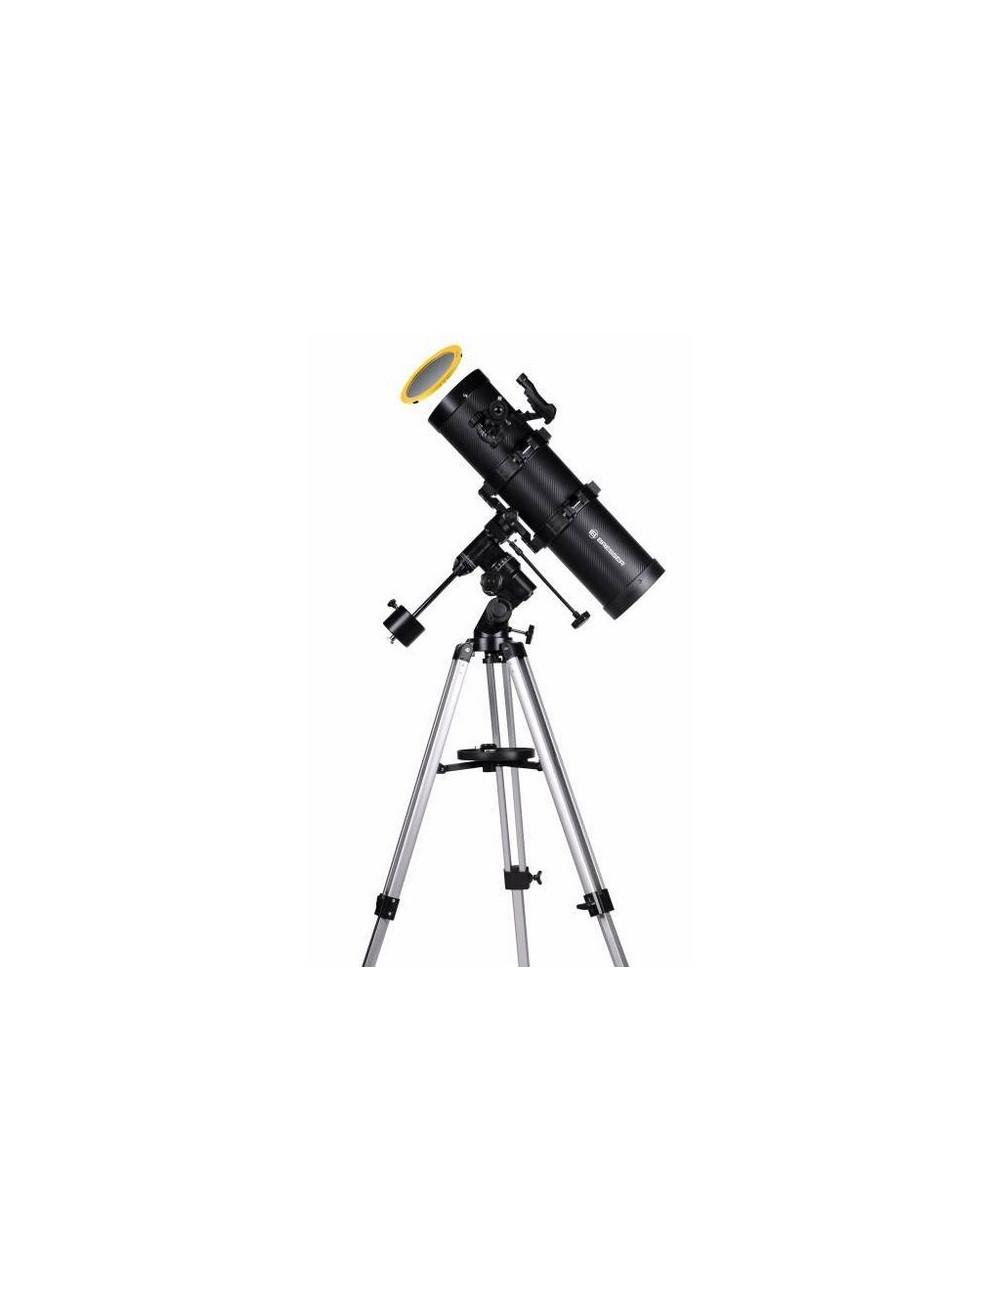 Télescope Newton équatorial Bresser Spica 130/650 EQ3 Carbon Design